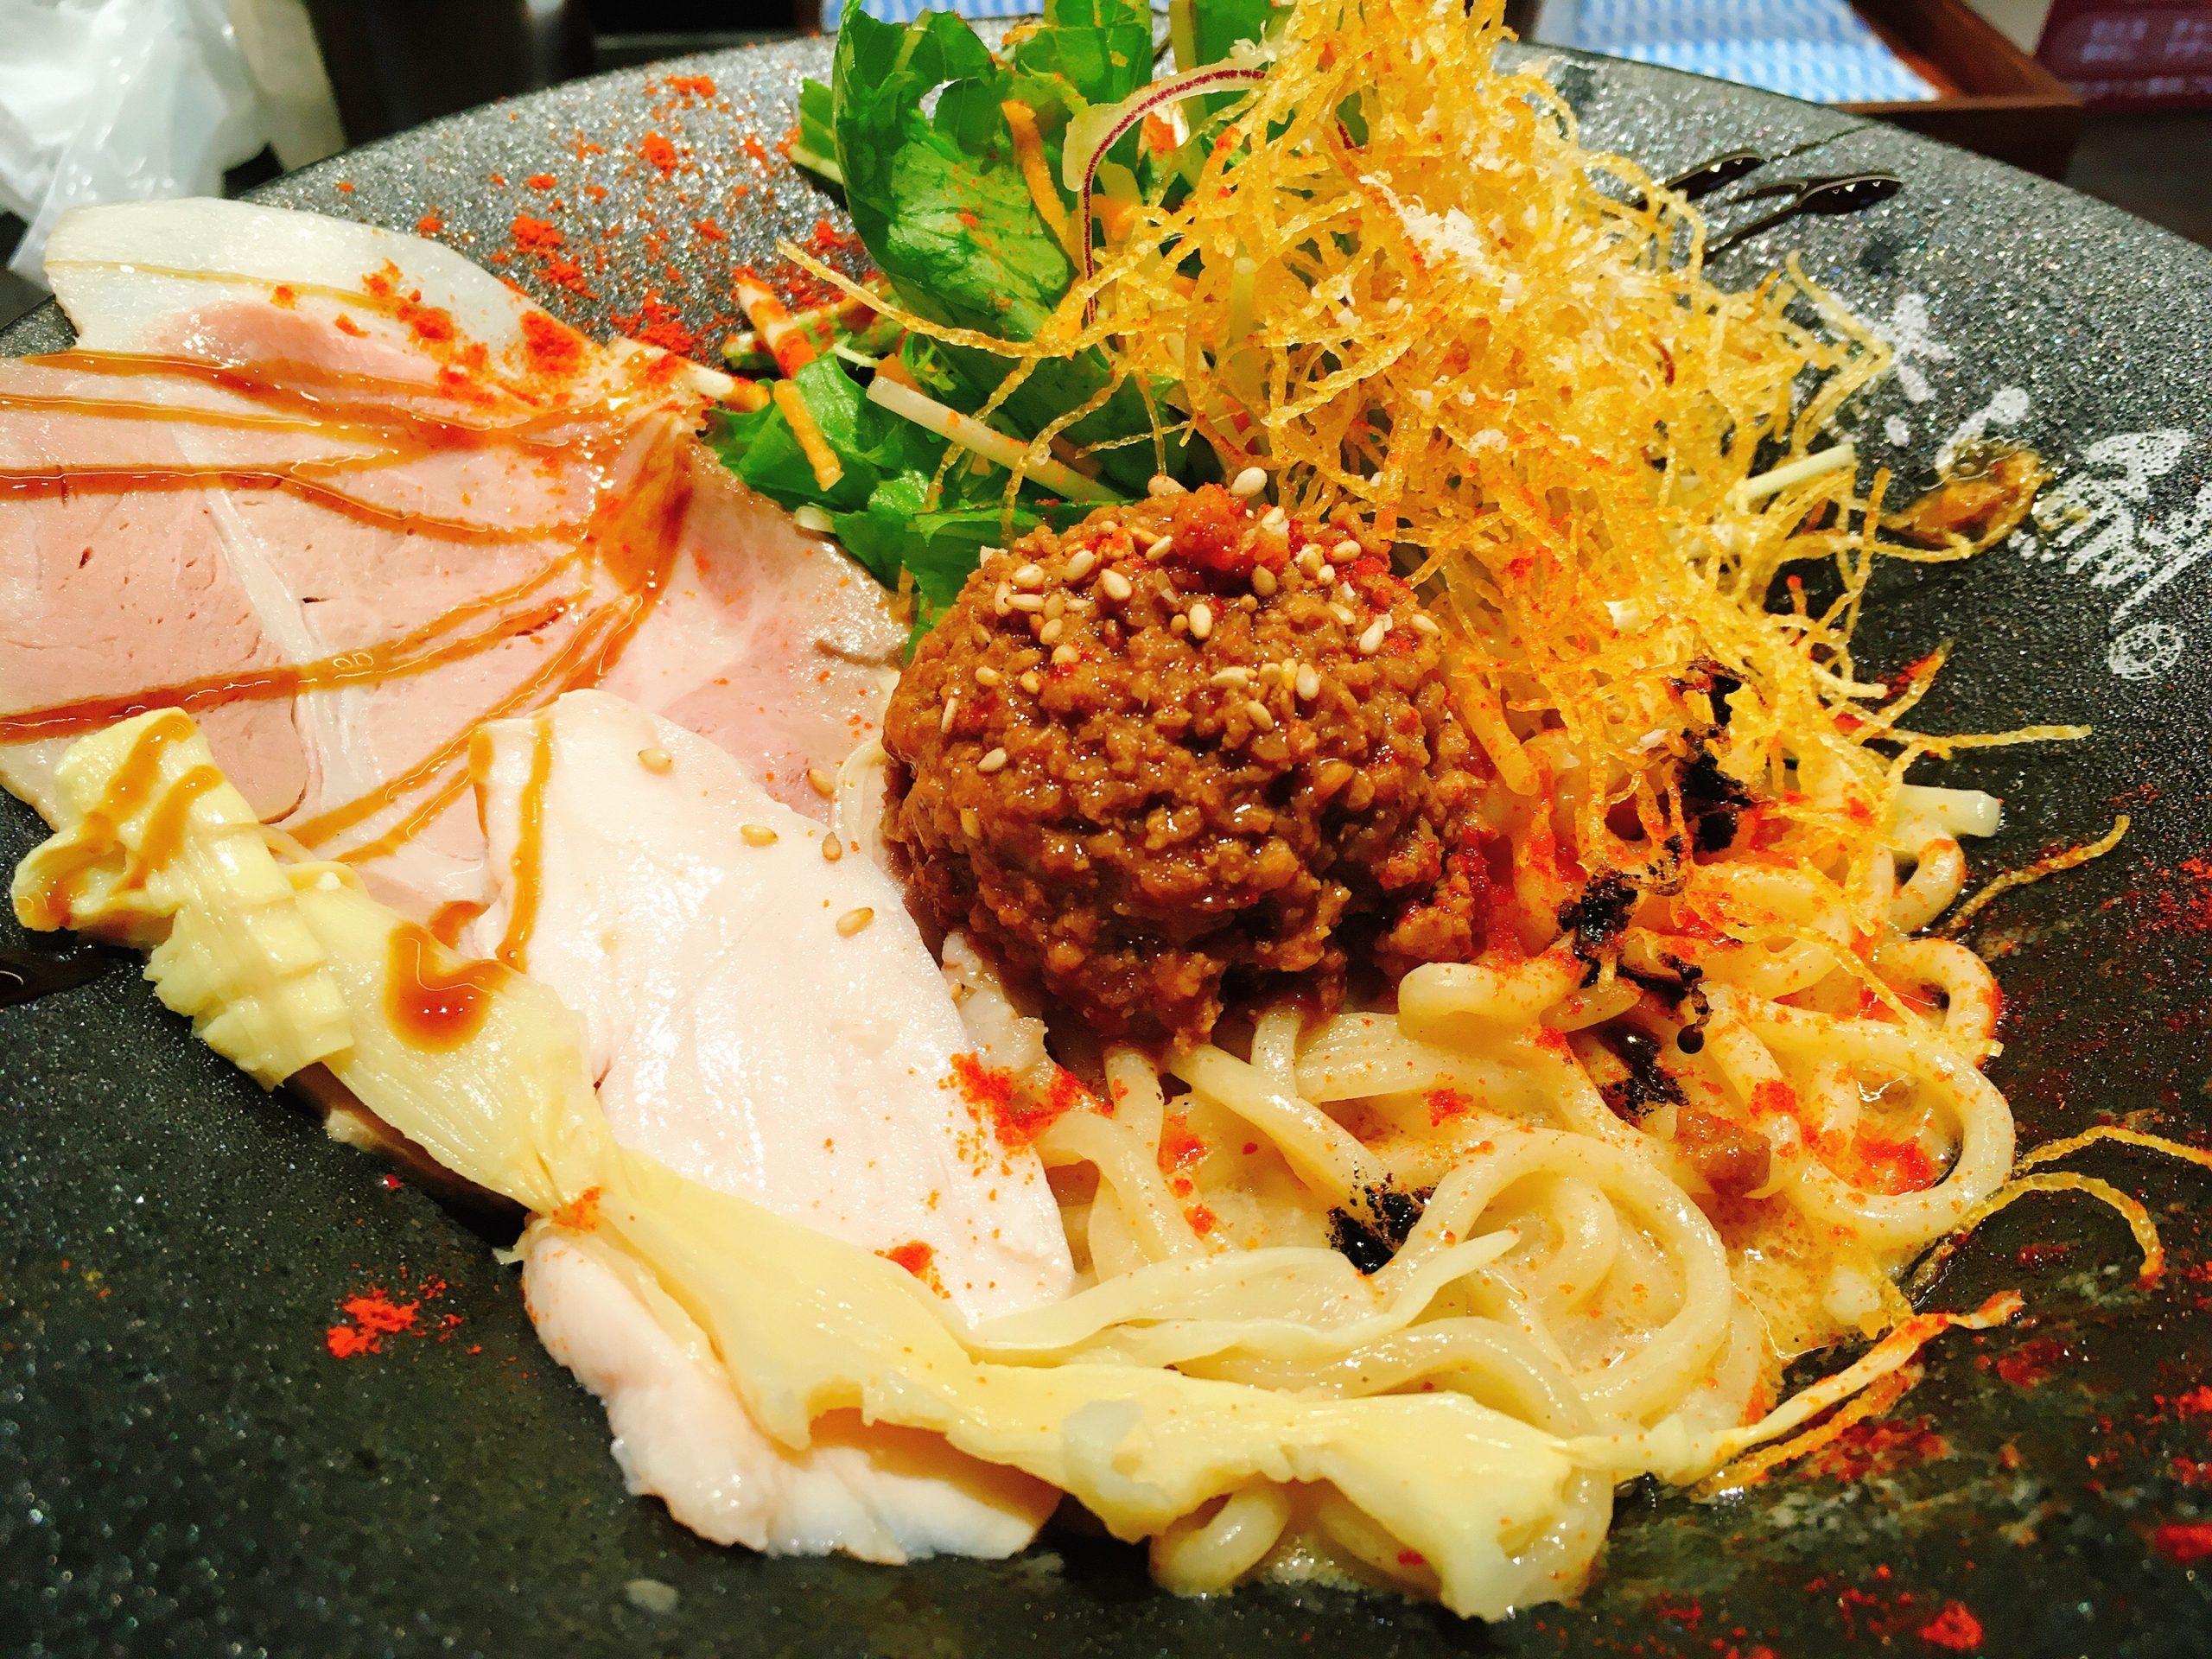 「鯛担麺専門店 恋し鯛」の「汁なし鯛担麺」の写真